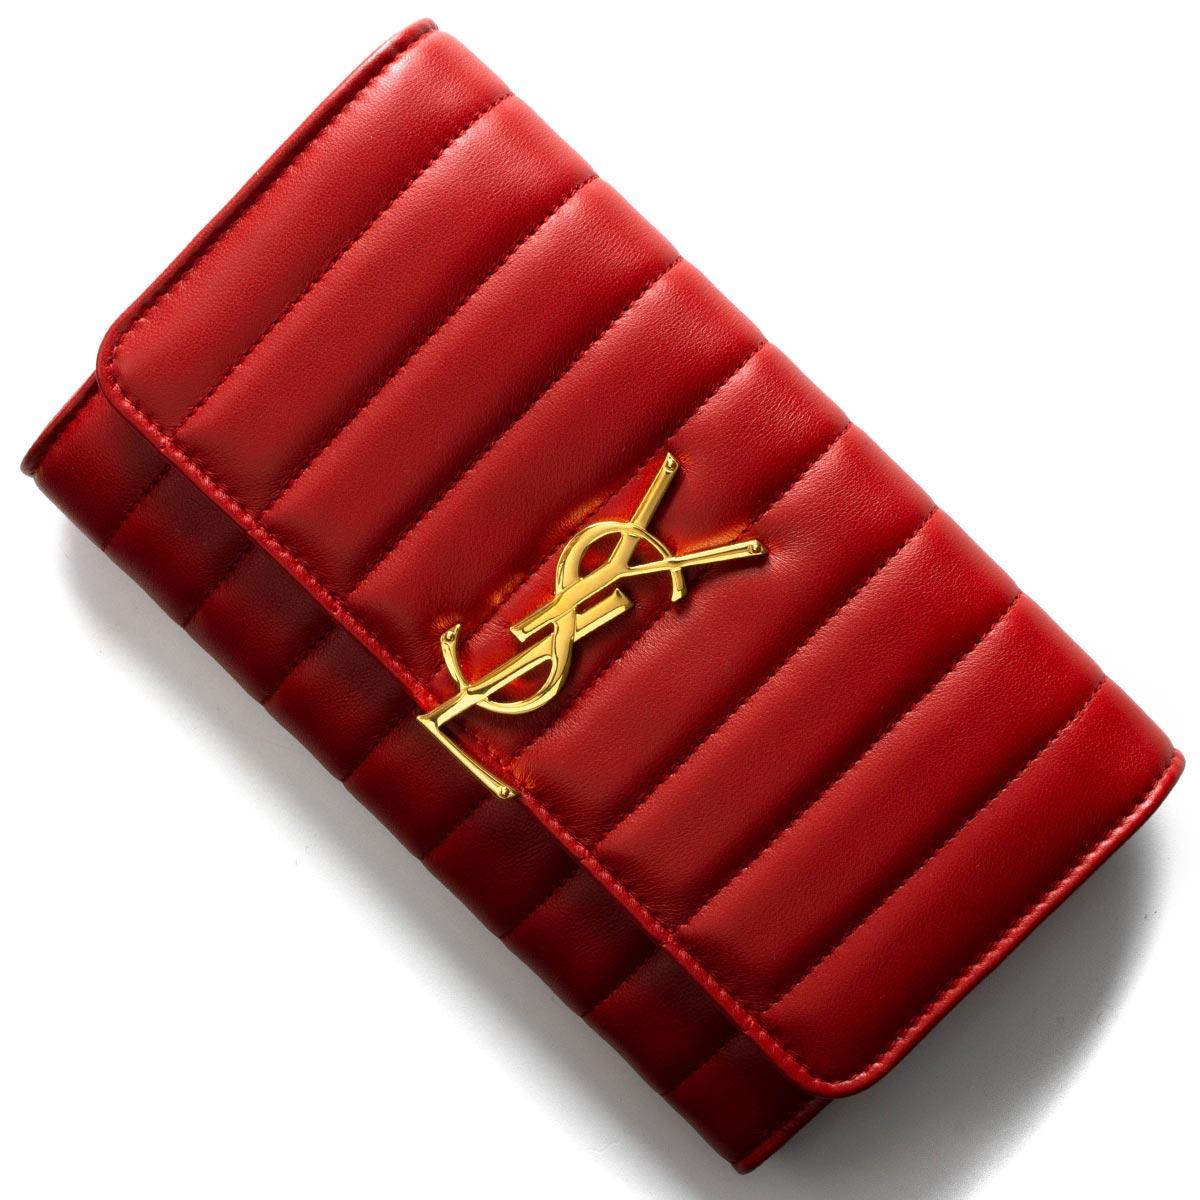 premium selection 860e3 346ab サンローランパリ イヴサンローラン 長財布 財布 レディース ヴィキ YSL ルージュエロスレッド 539972 0YD01 6805 SAINT  LAURENT PARIS|ブランドショップ ブルーク